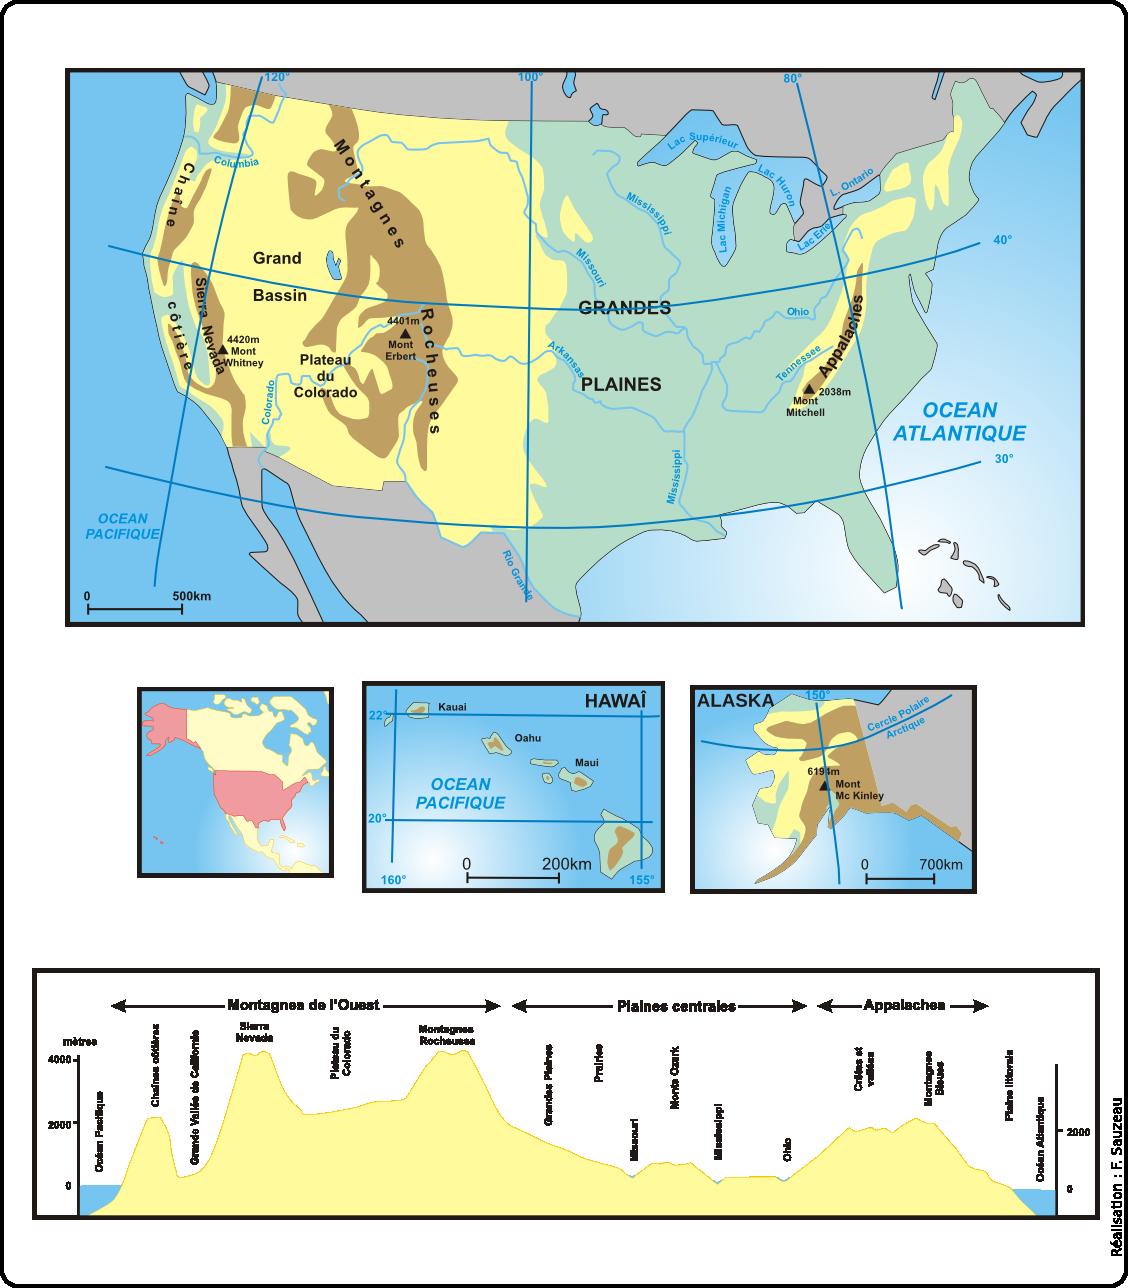 Le territoire des Etats-Unis